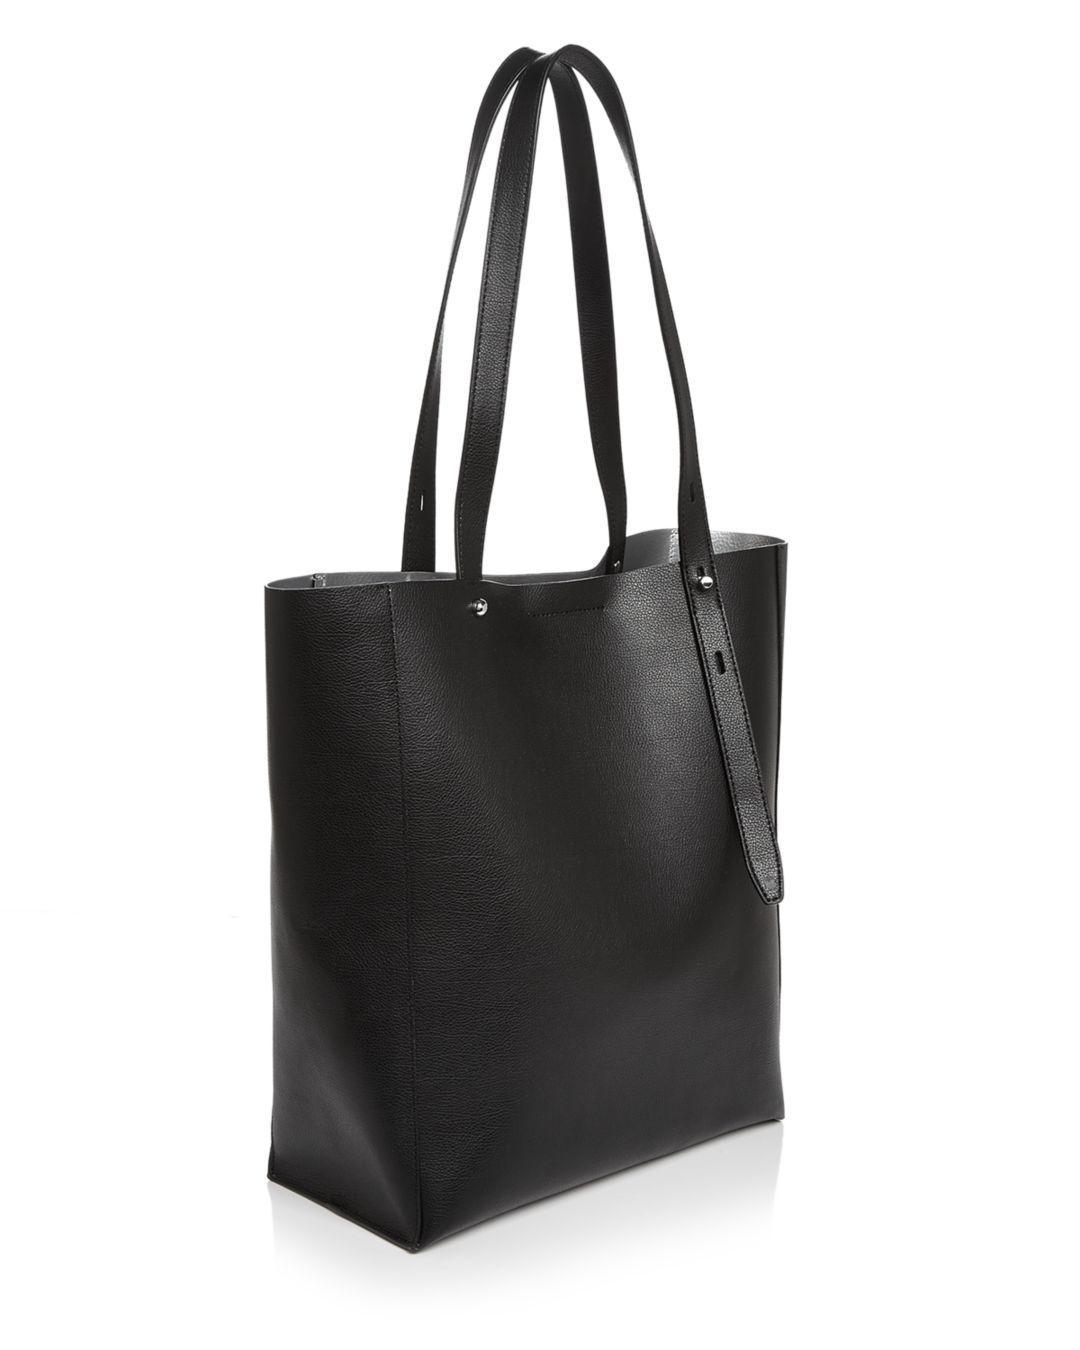 Rebecca Minkoff Leather Stella North South Tote in Black/Silver (Black)